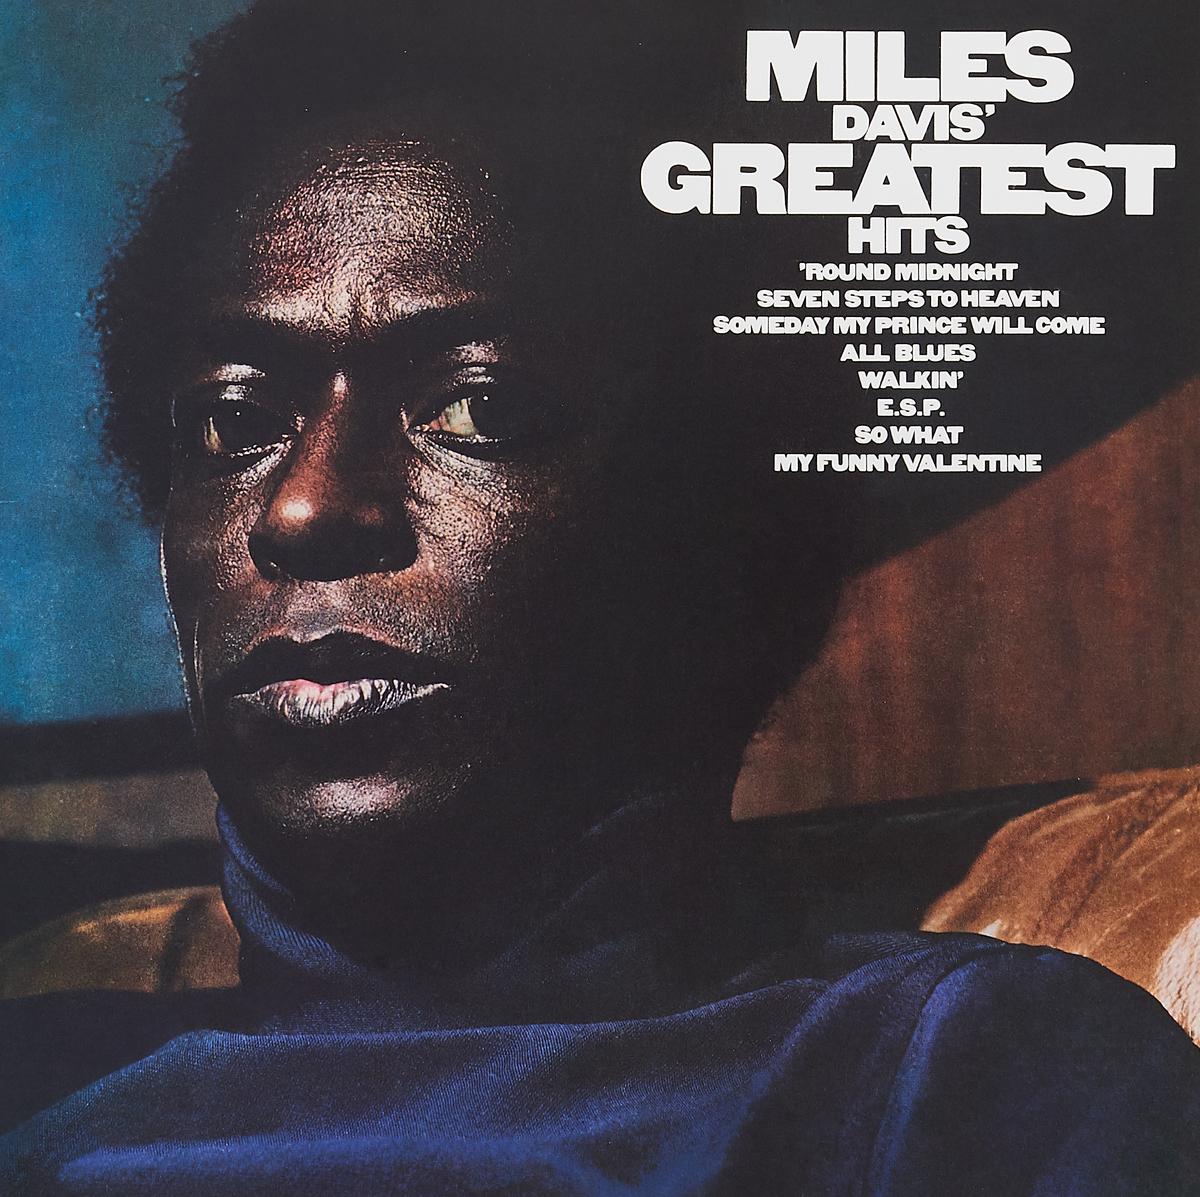 Майлз Дэвис Miles Davis's Greatest Hits (LP) игрушка фигурка miles майлз с бластбордом 7 см miles